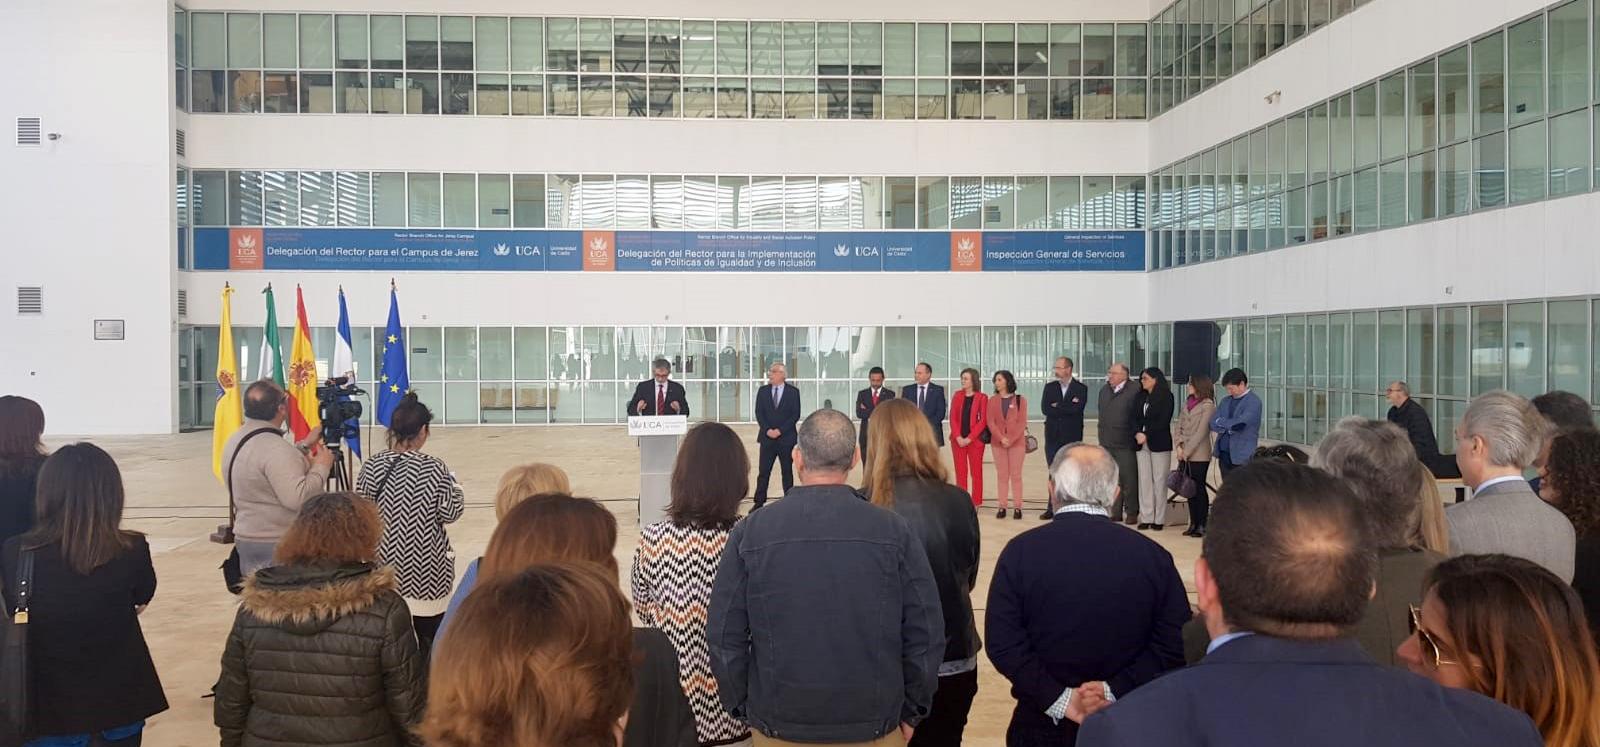 La UCA inaugura nuevos espacios en el Campus de Jerez